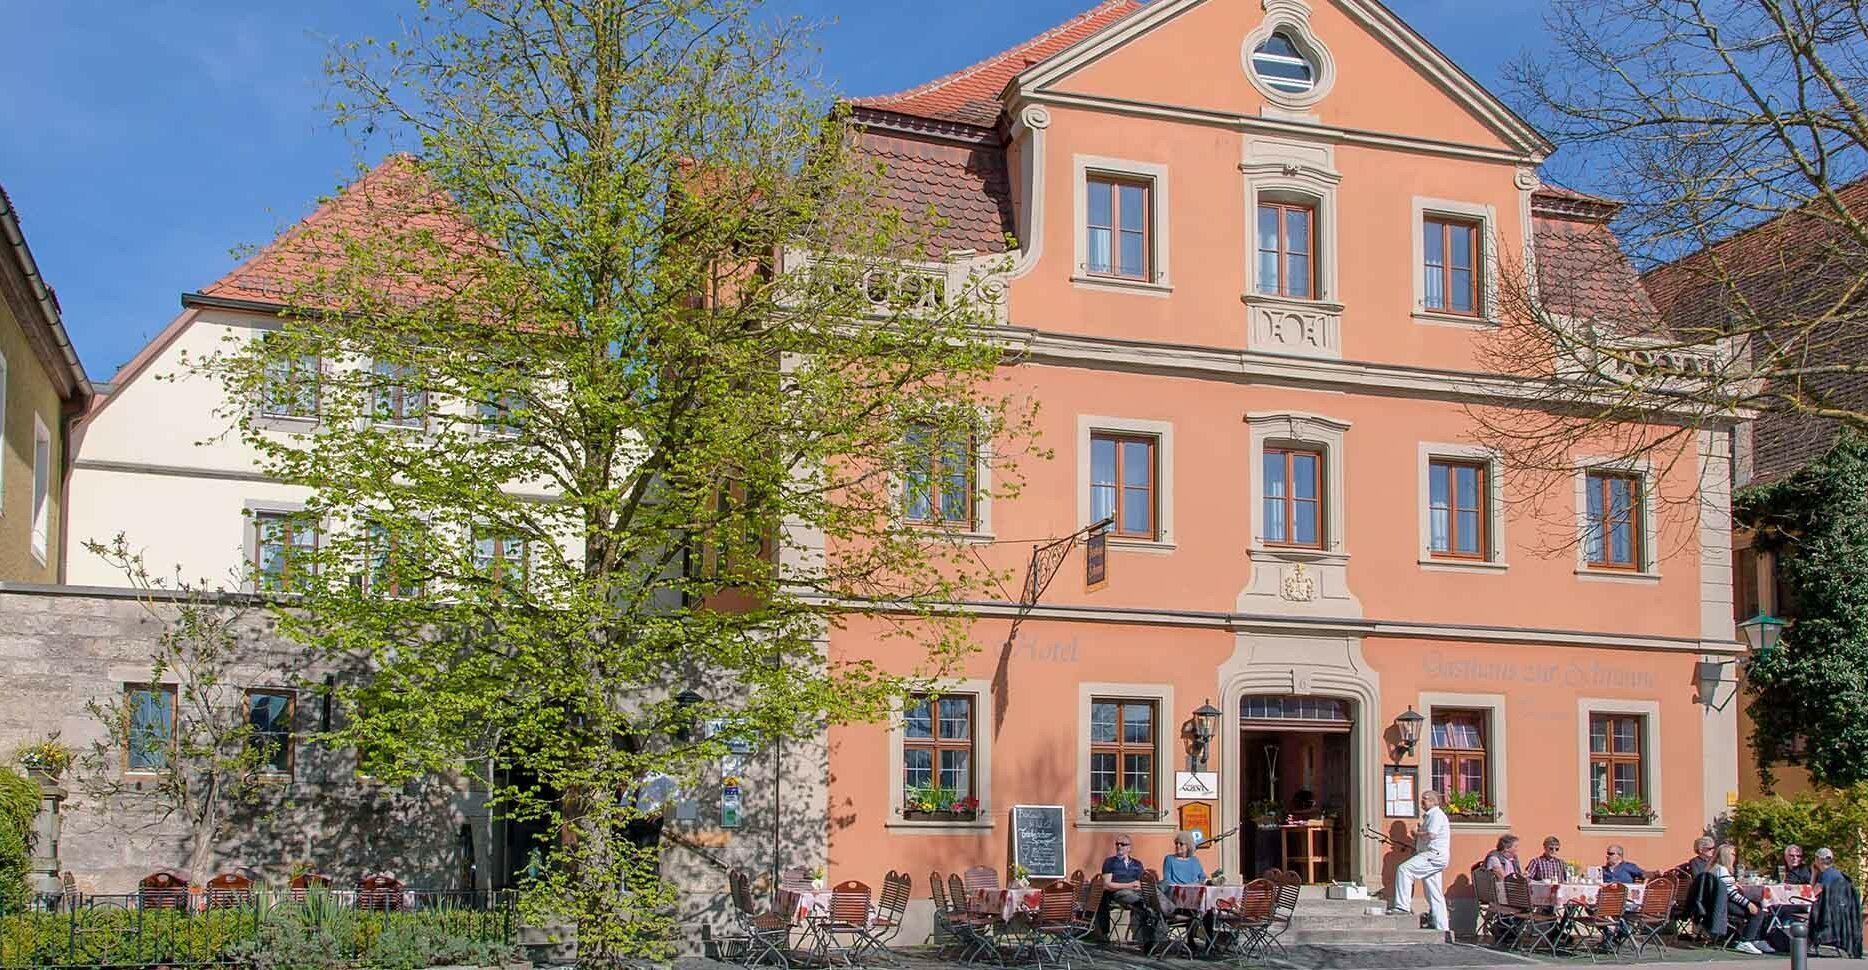 AKZENT Hotel Schranne im Frühjahr